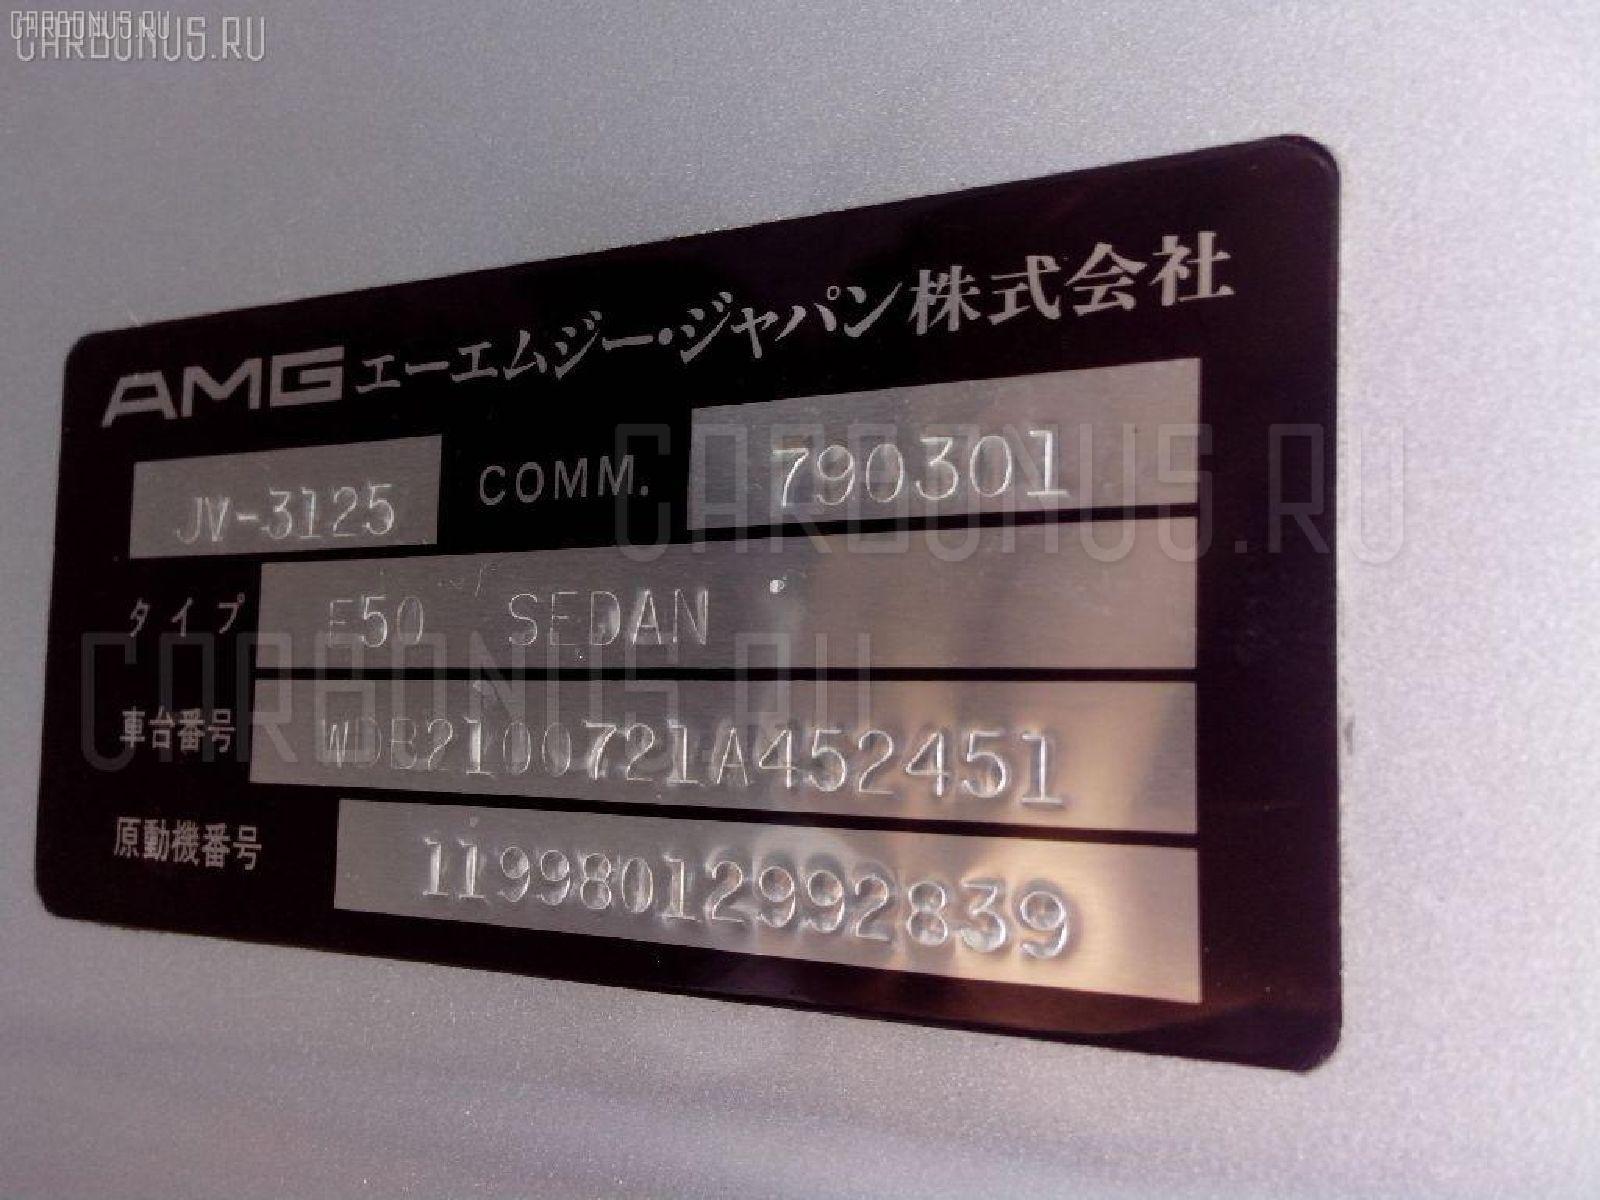 Блок ABS MERCEDES-BENZ E-CLASS W210.072 119.980 Фото 6